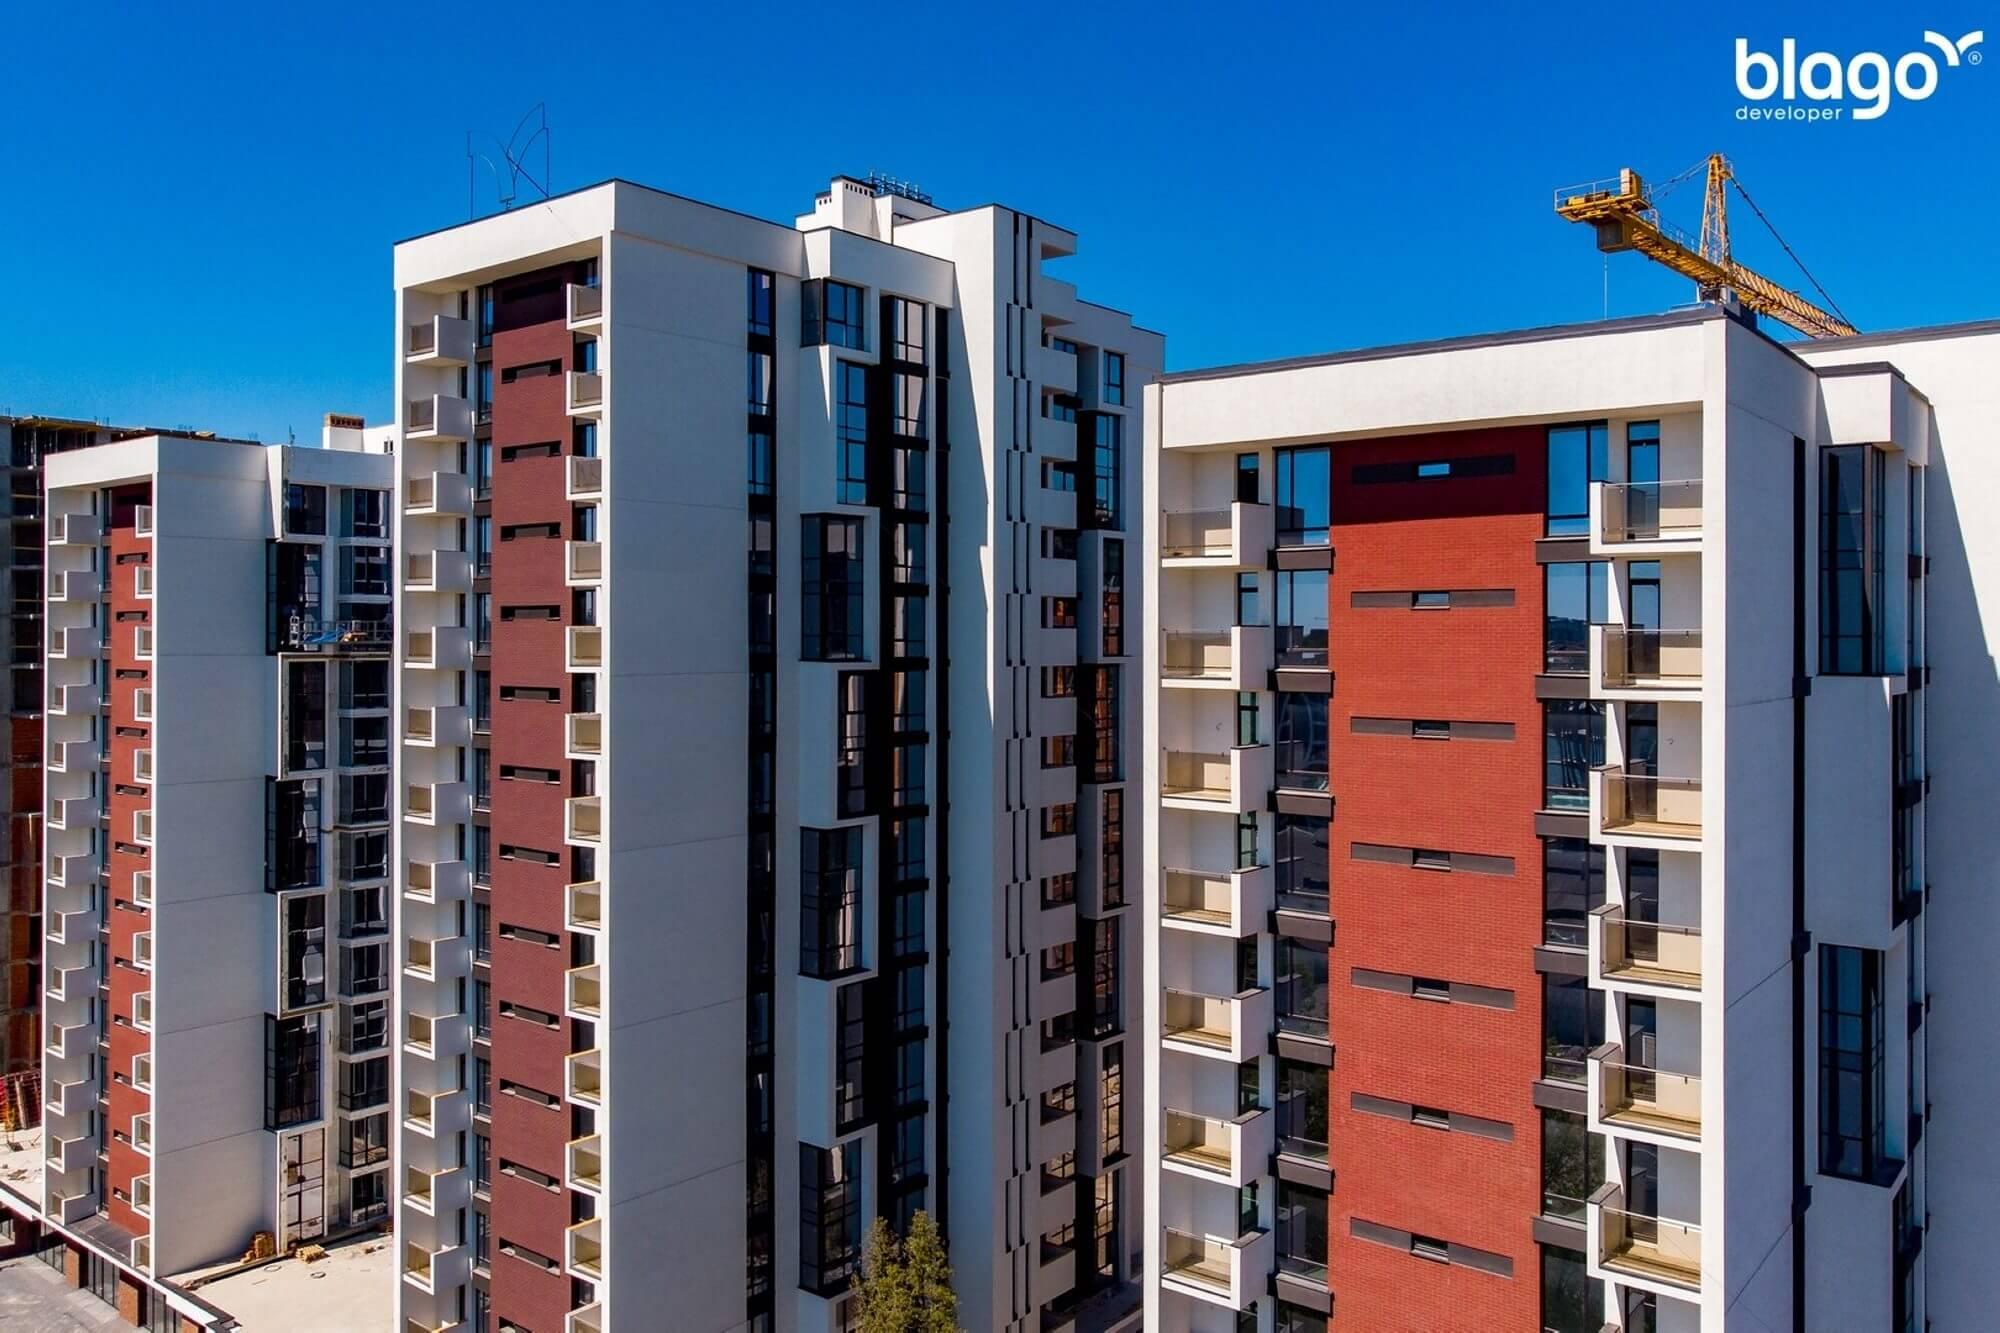 Квартири в центрі Івано-Франківська: нерухомість, яка постійно зростає в ціні